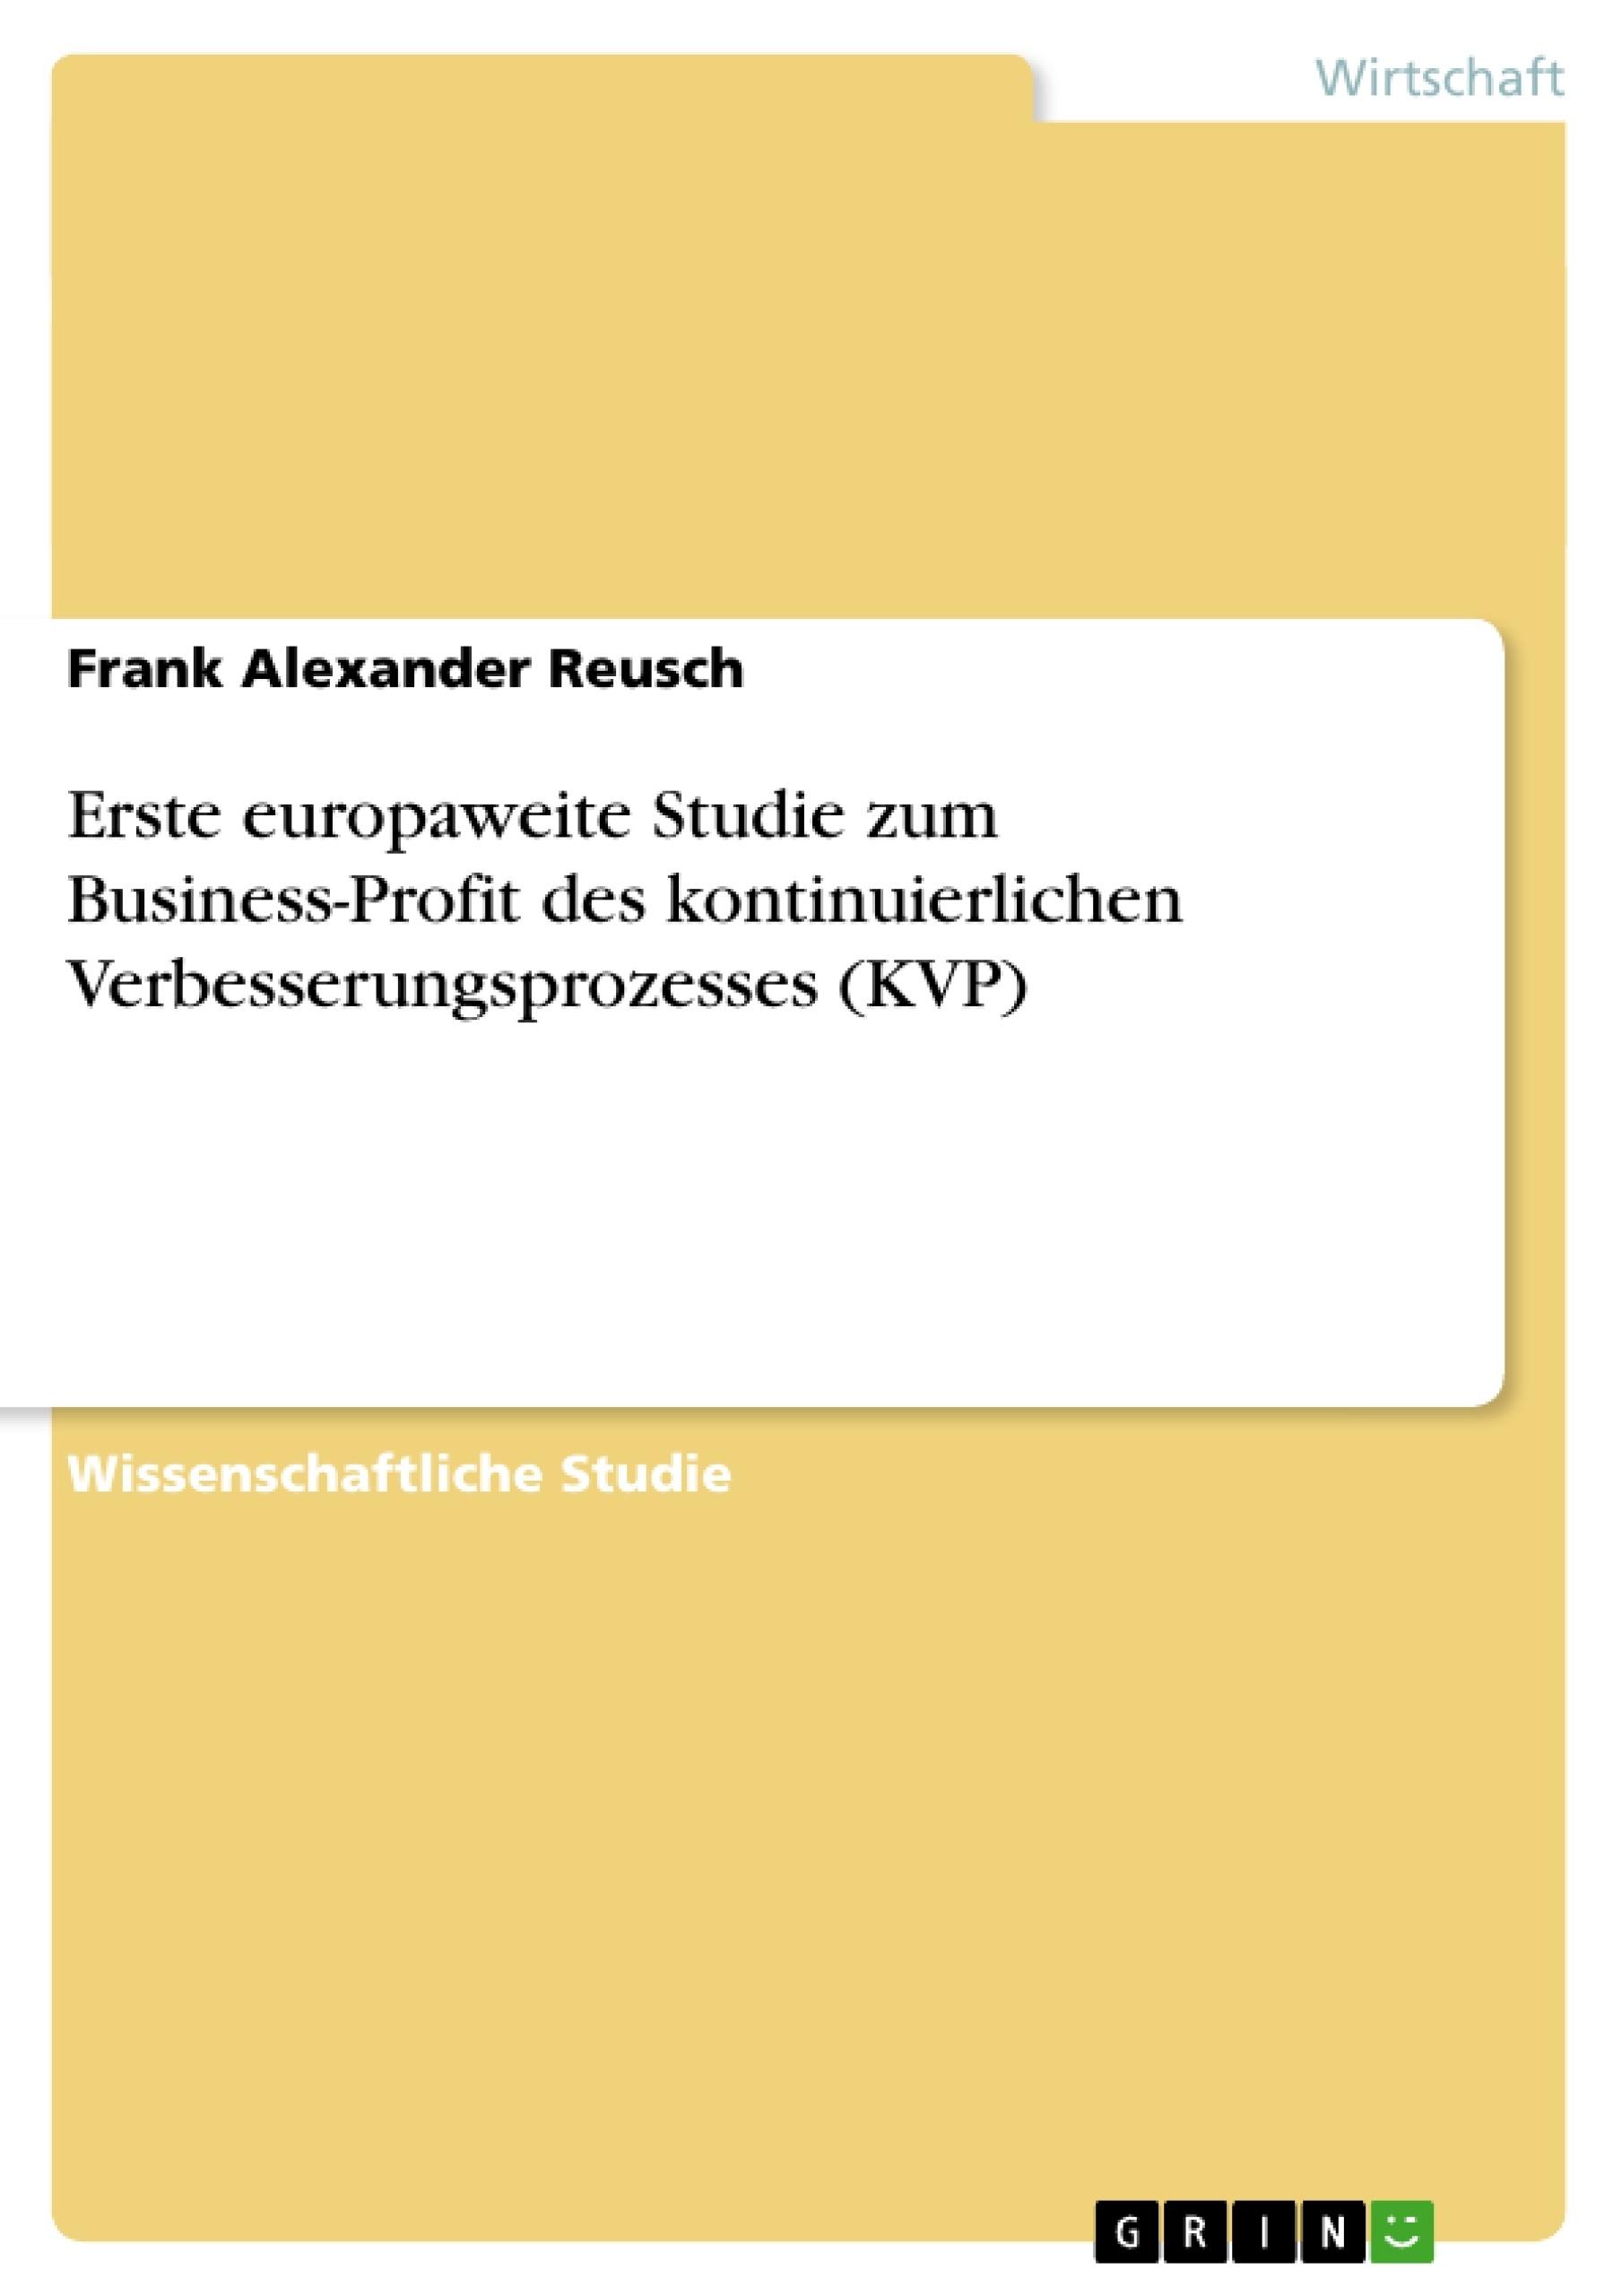 Titel: Erste europaweite Studie zum Business-Profit des kontinuierlichen Verbesserungsprozesses (KVP)